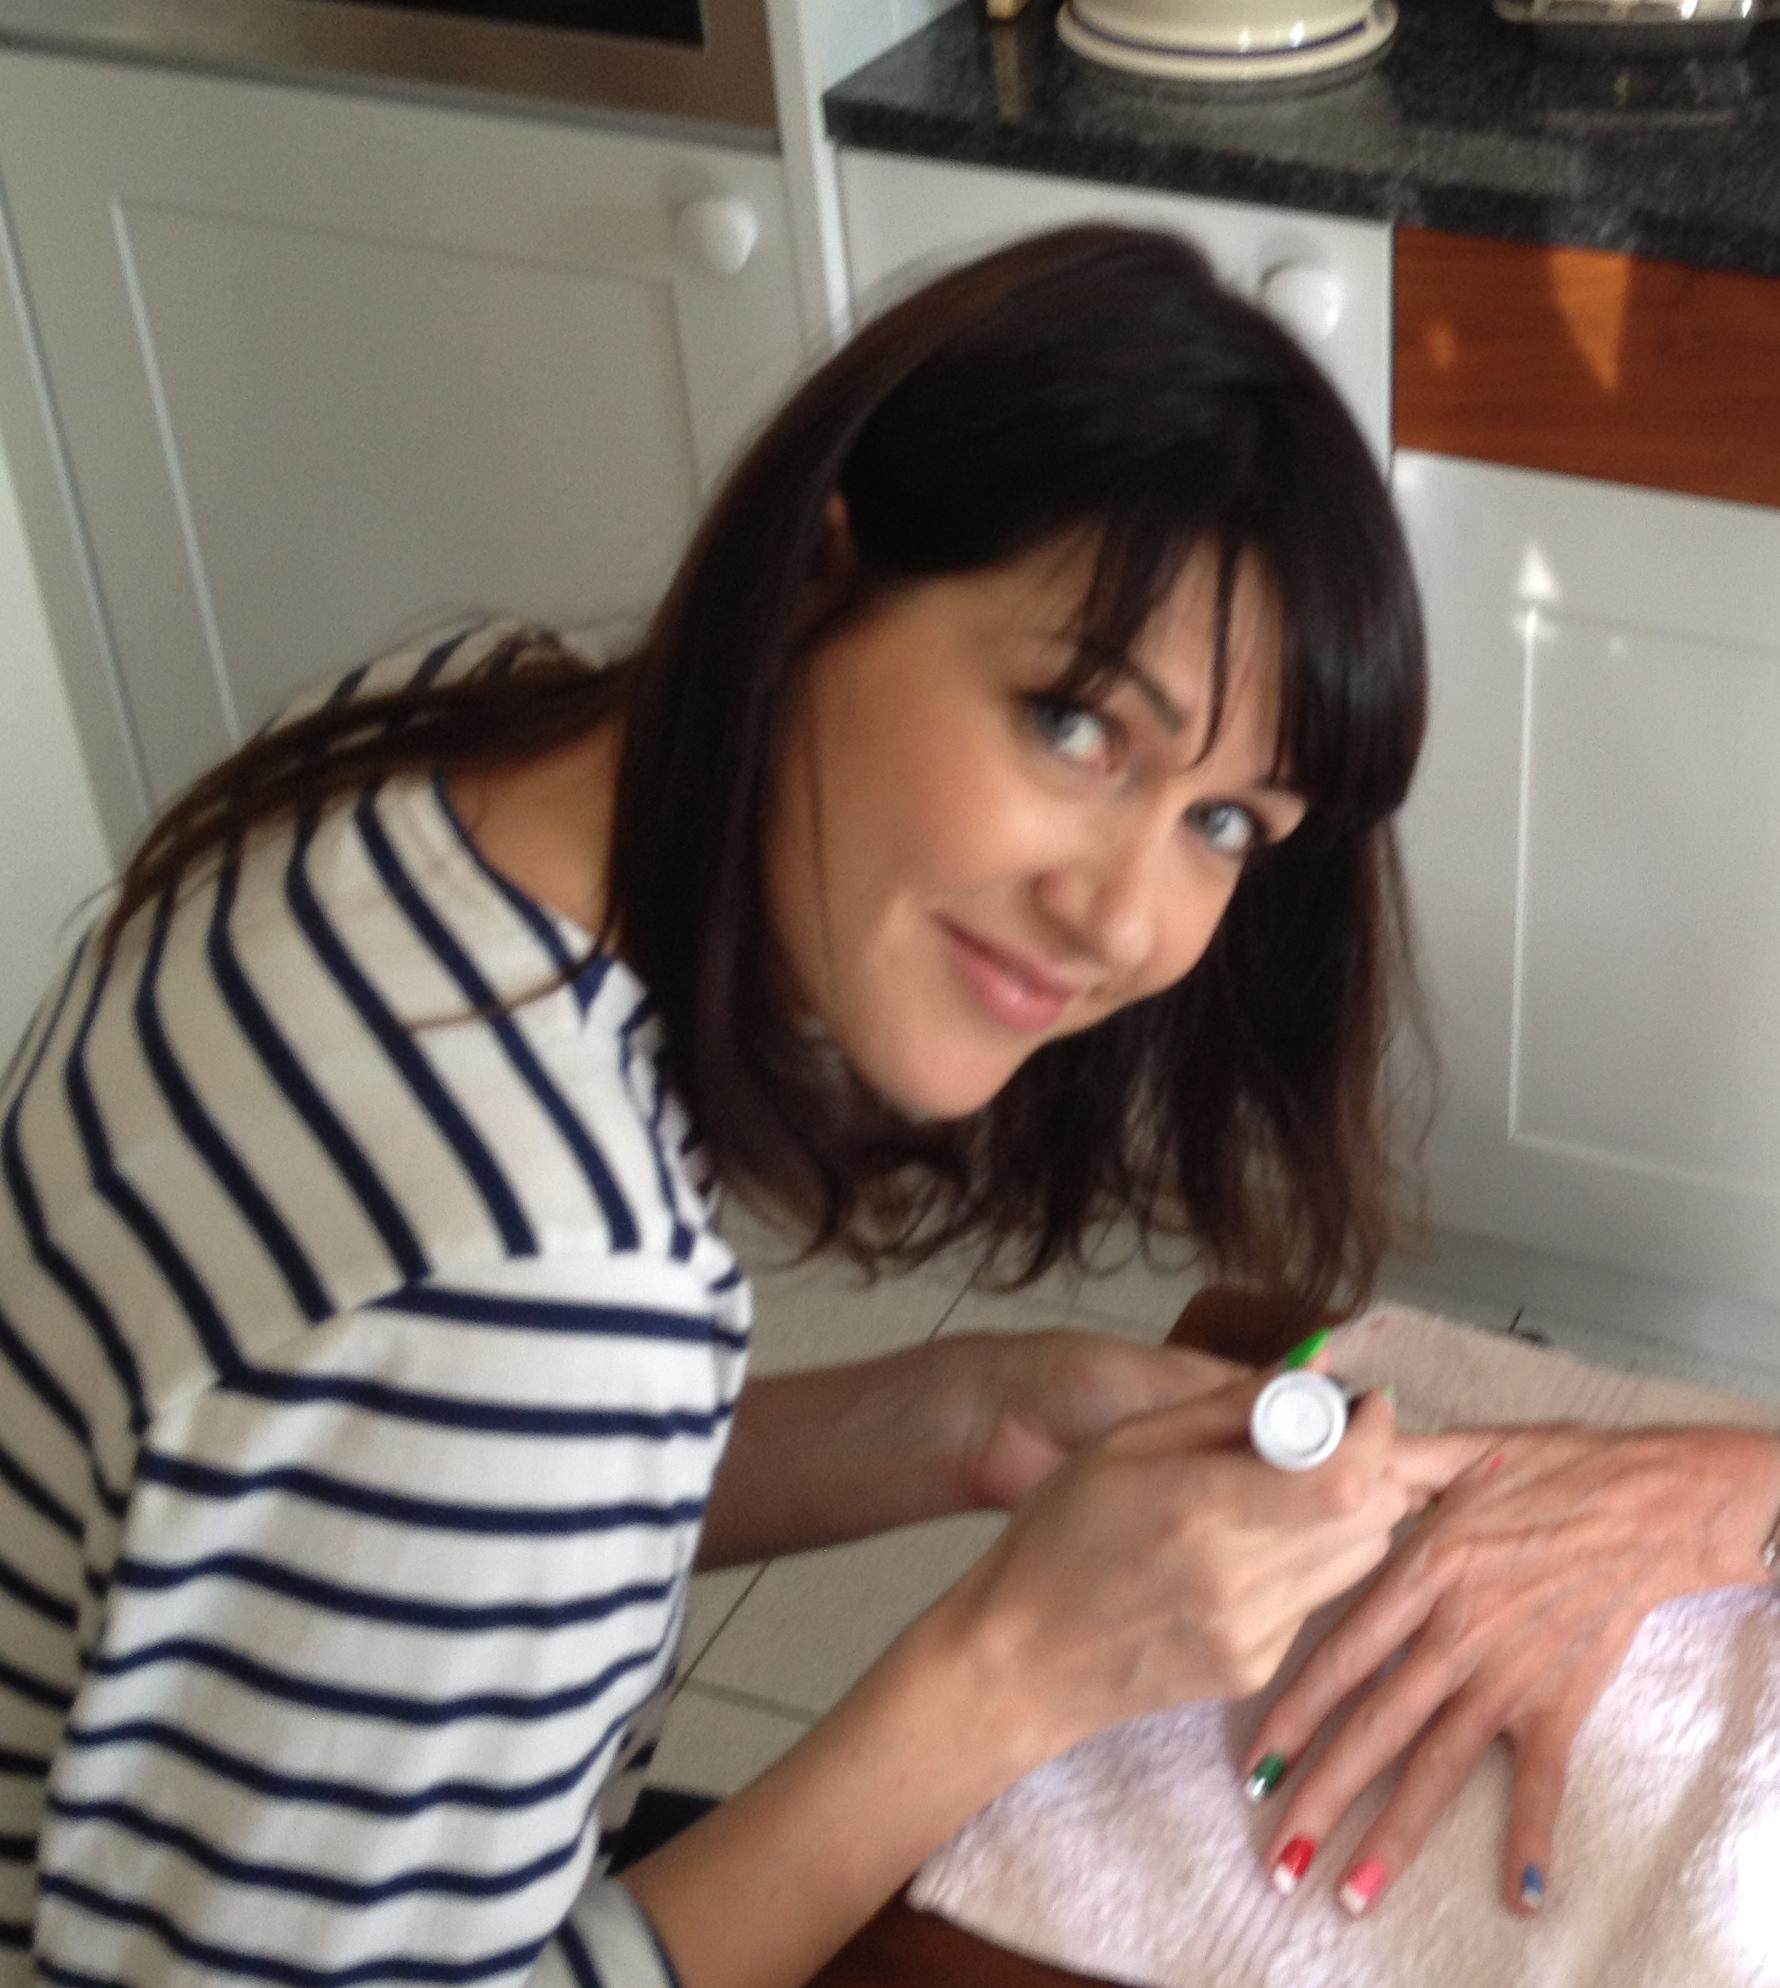 So Hot Right Nail: LA Nail Artist Belinda Fountain on Fall Nails